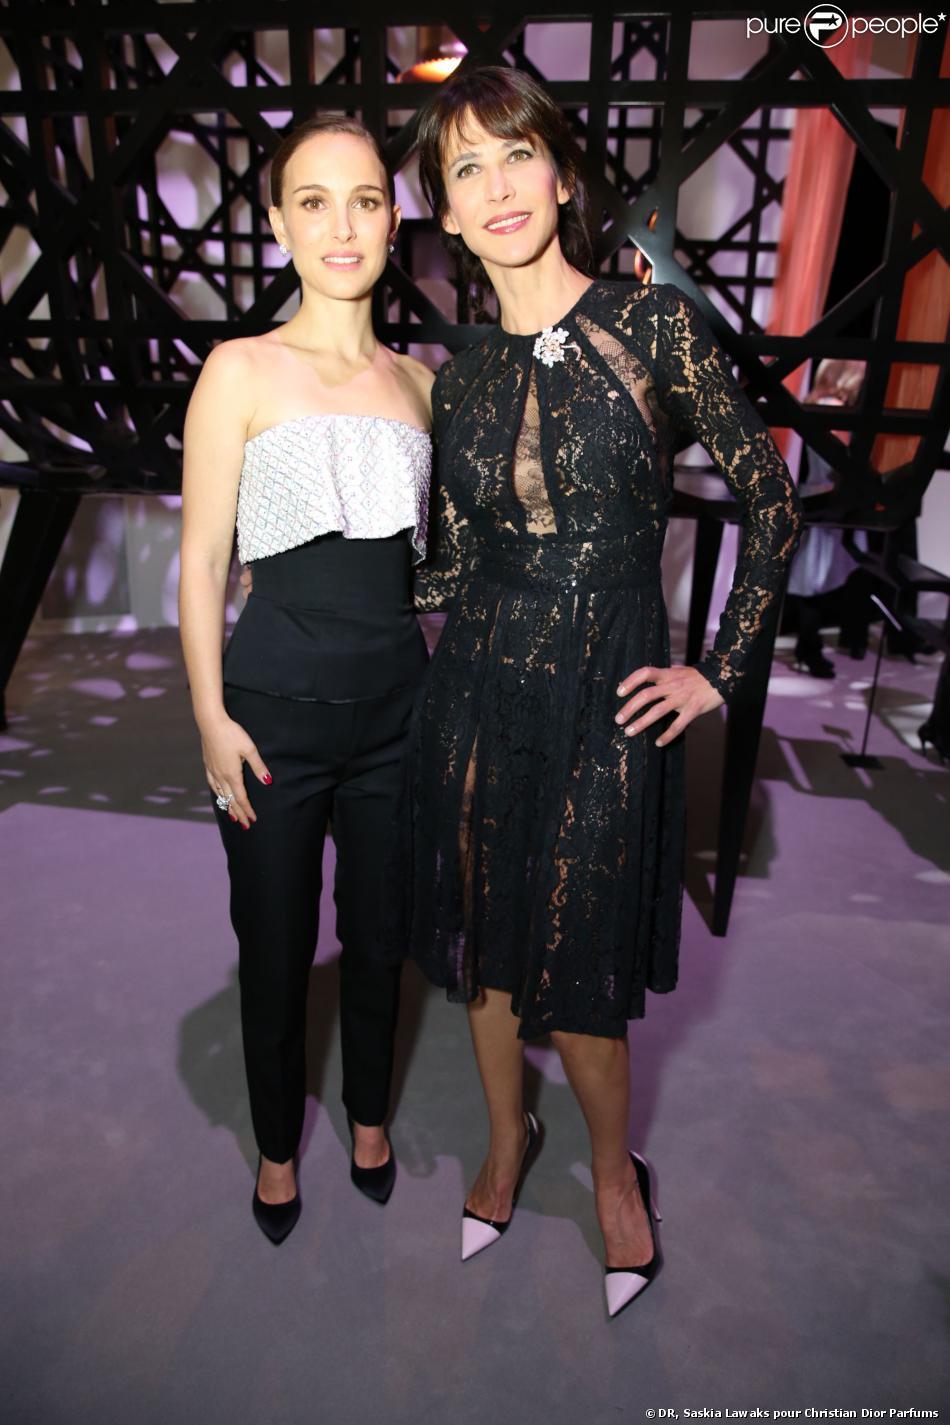 Natalie Portman et Sophie Marceau au vernissage de l'exposition Miss Dior au Grand Palais. Le 12 novembre 2013. L'exposition se tient du 13 au 25 novembre 2013